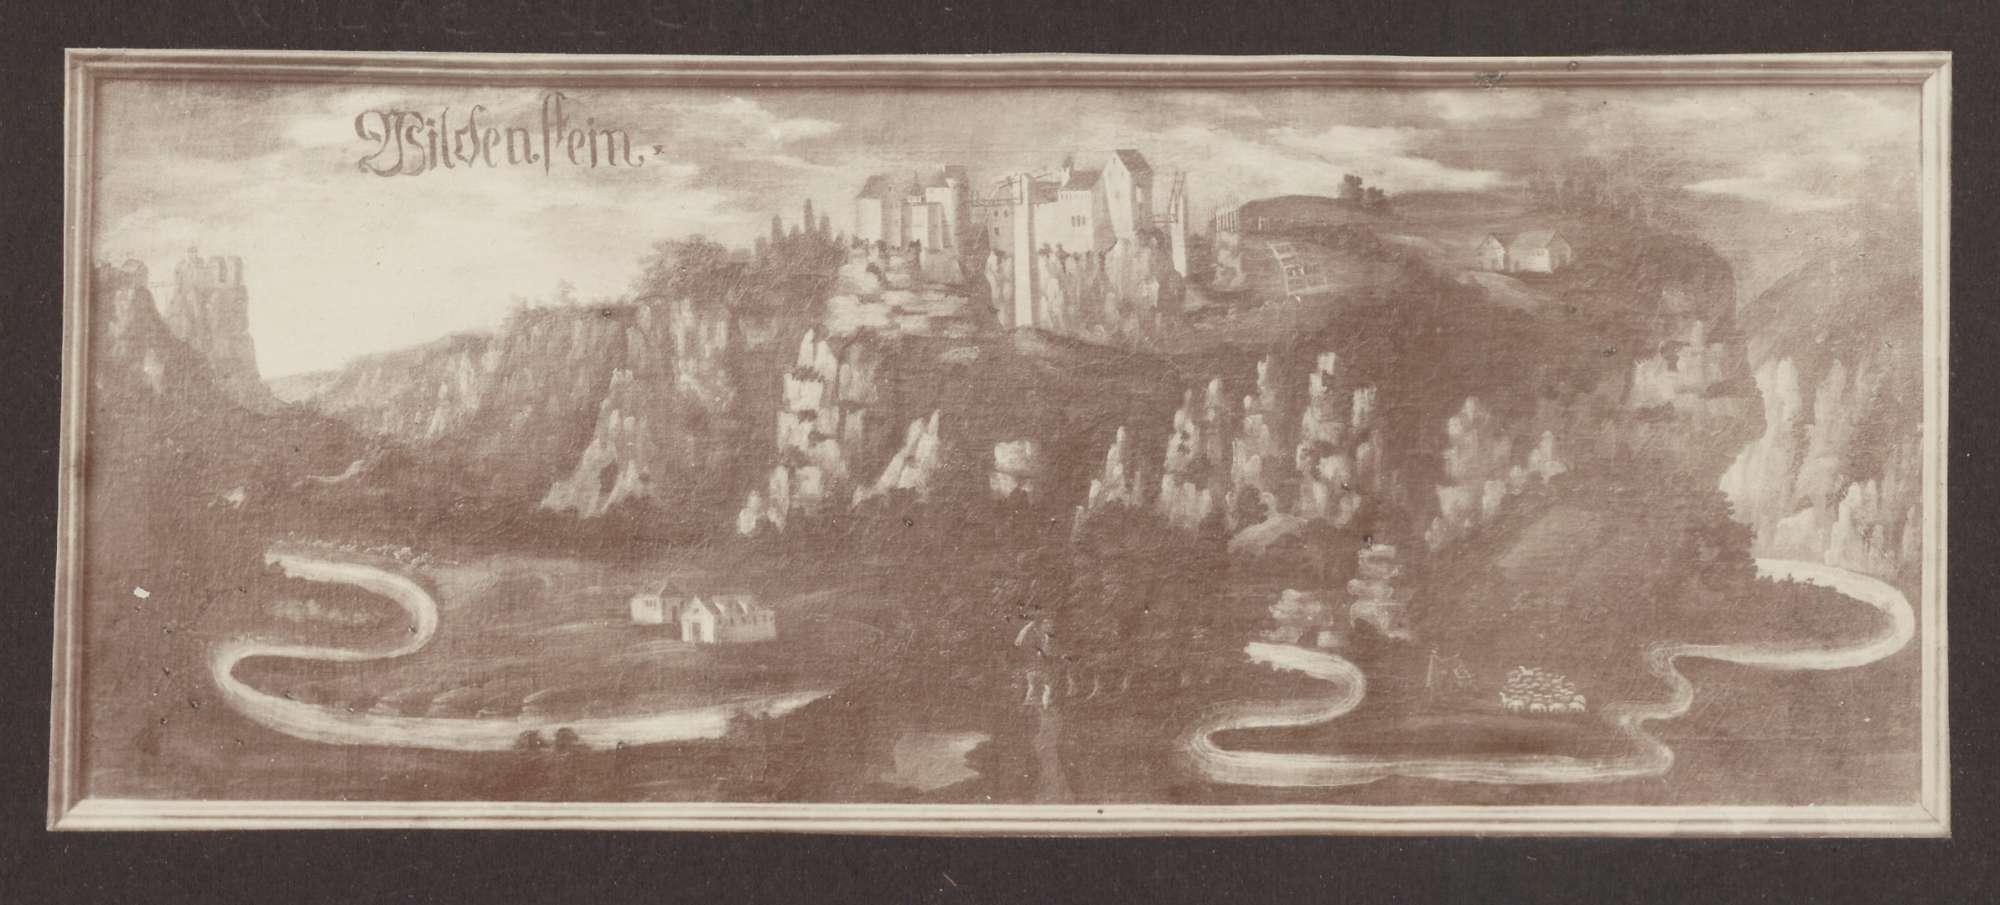 Wildenstein [Burg über dem Donautal], Bild 1